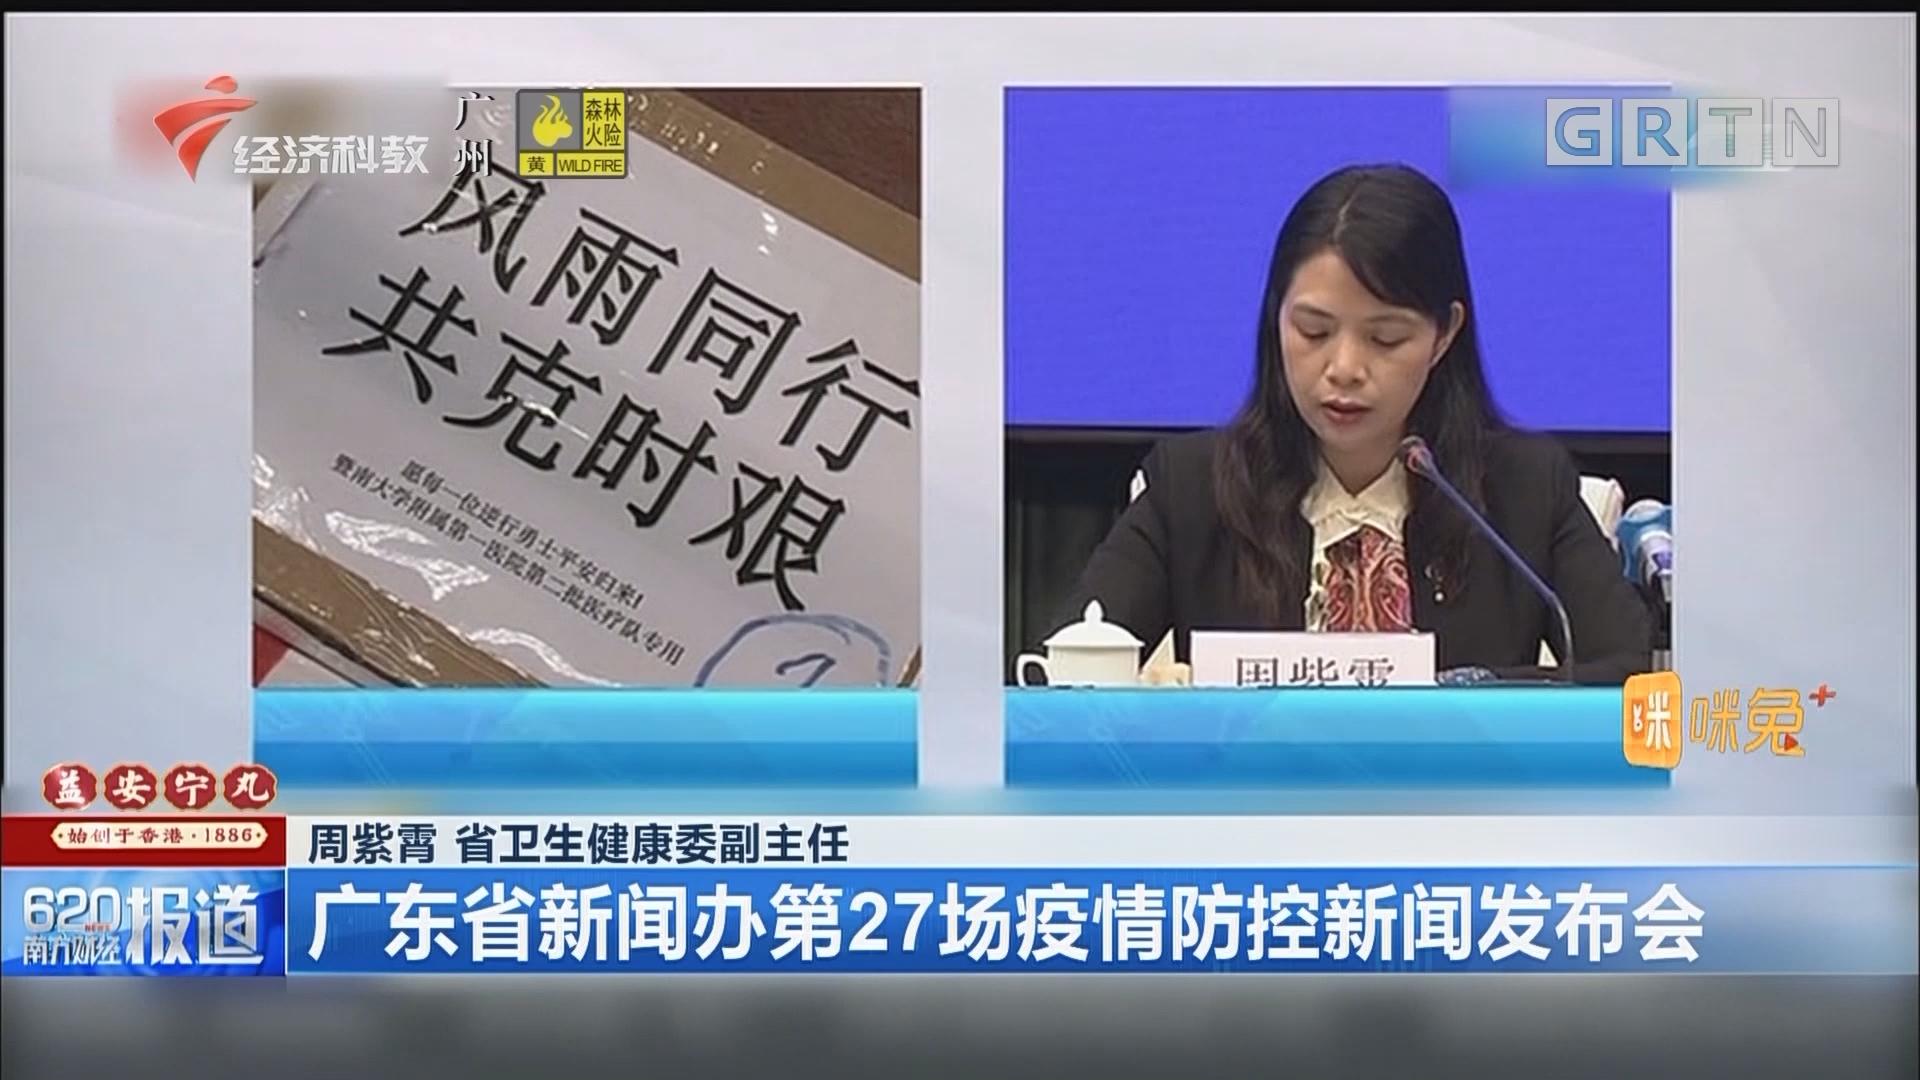 广东省新闻办第27场疫情防控新闻发布会